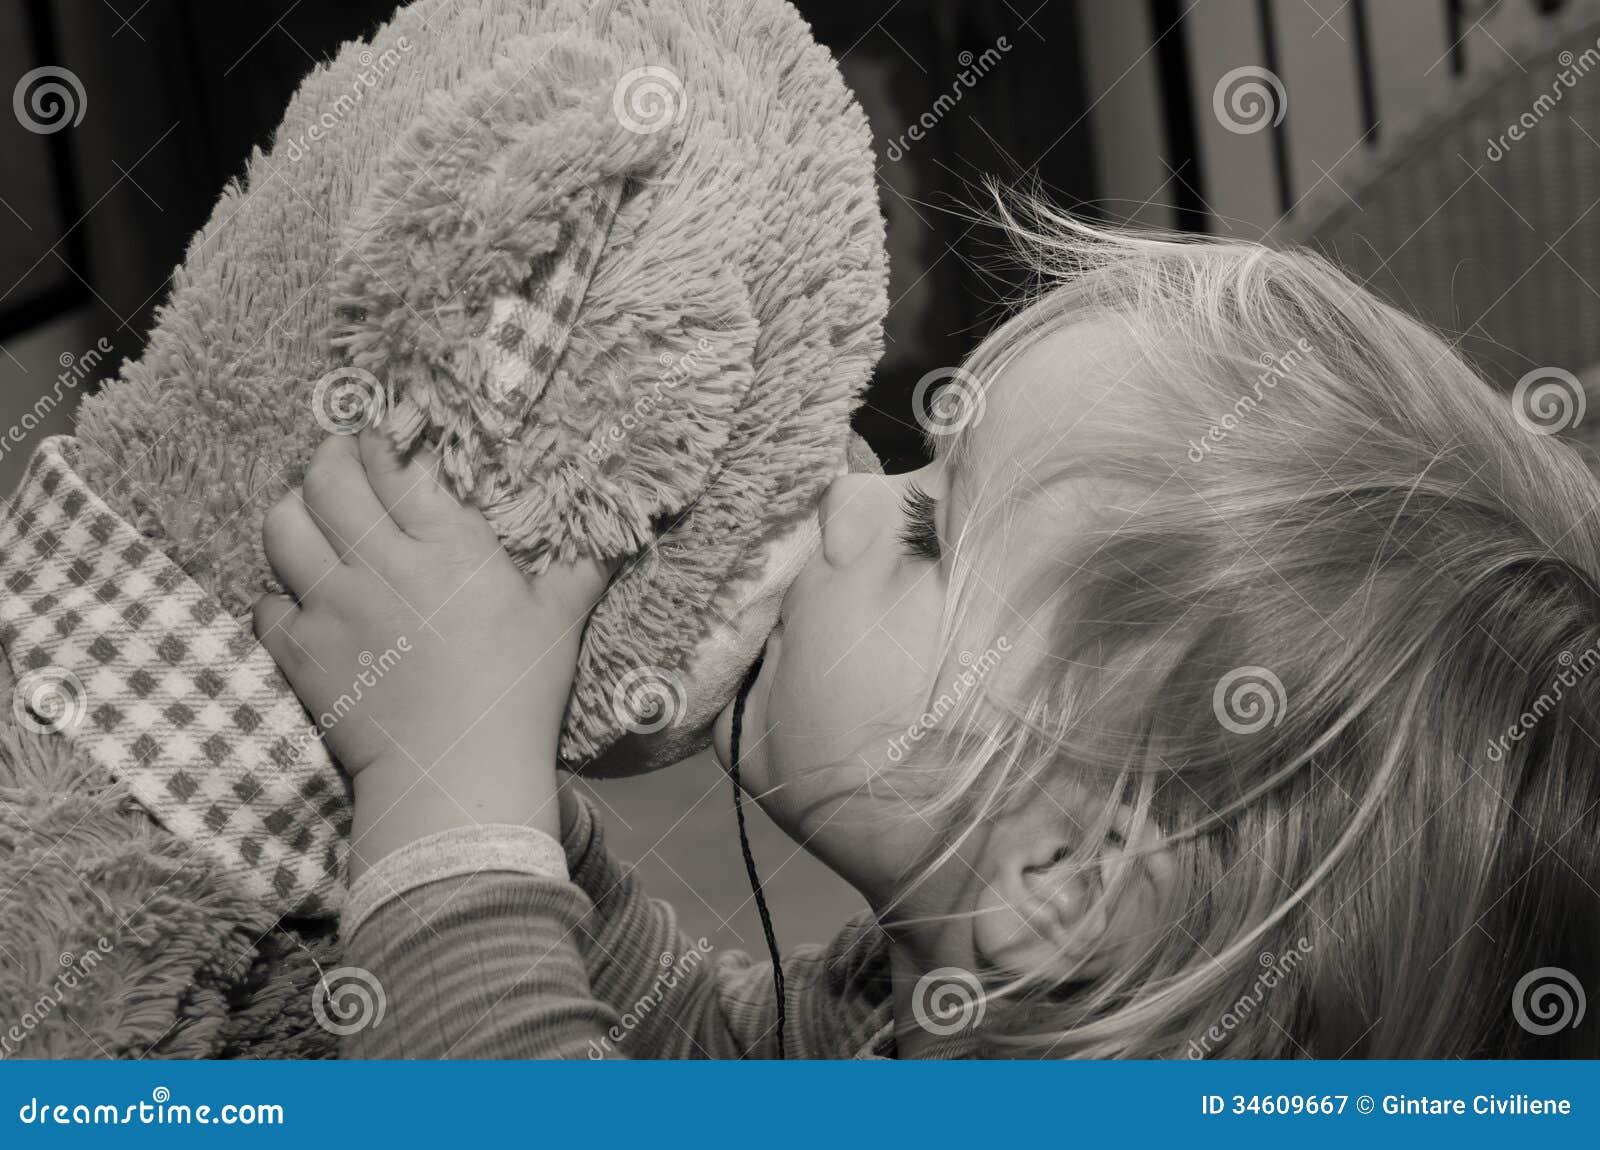 Mała dziewczynka buziaków niedźwiedzia zabawka dla do widzenia